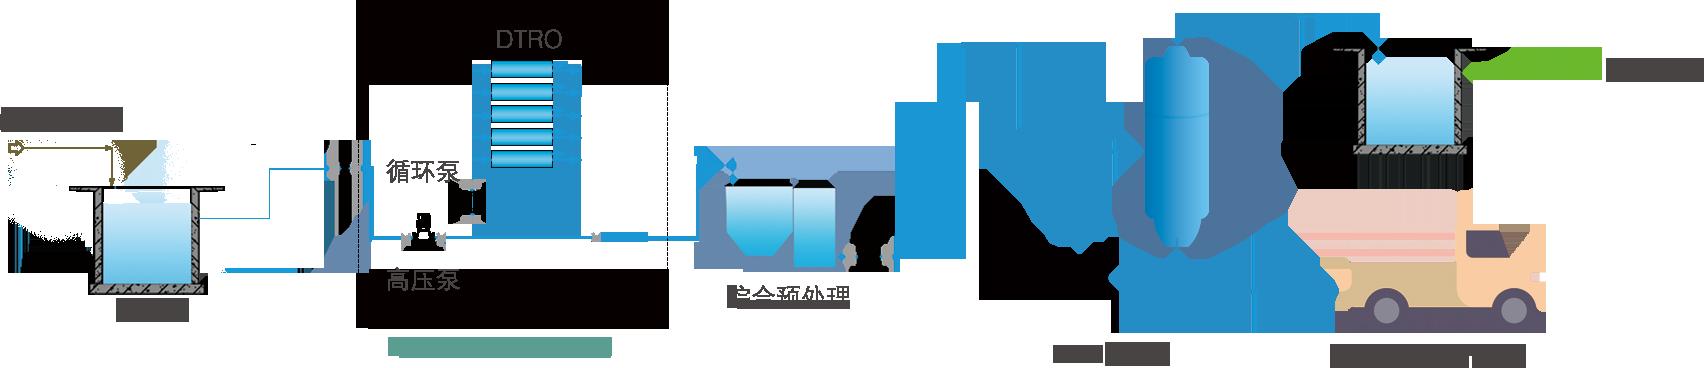 预处理——MVR——洗气 → 达标排放